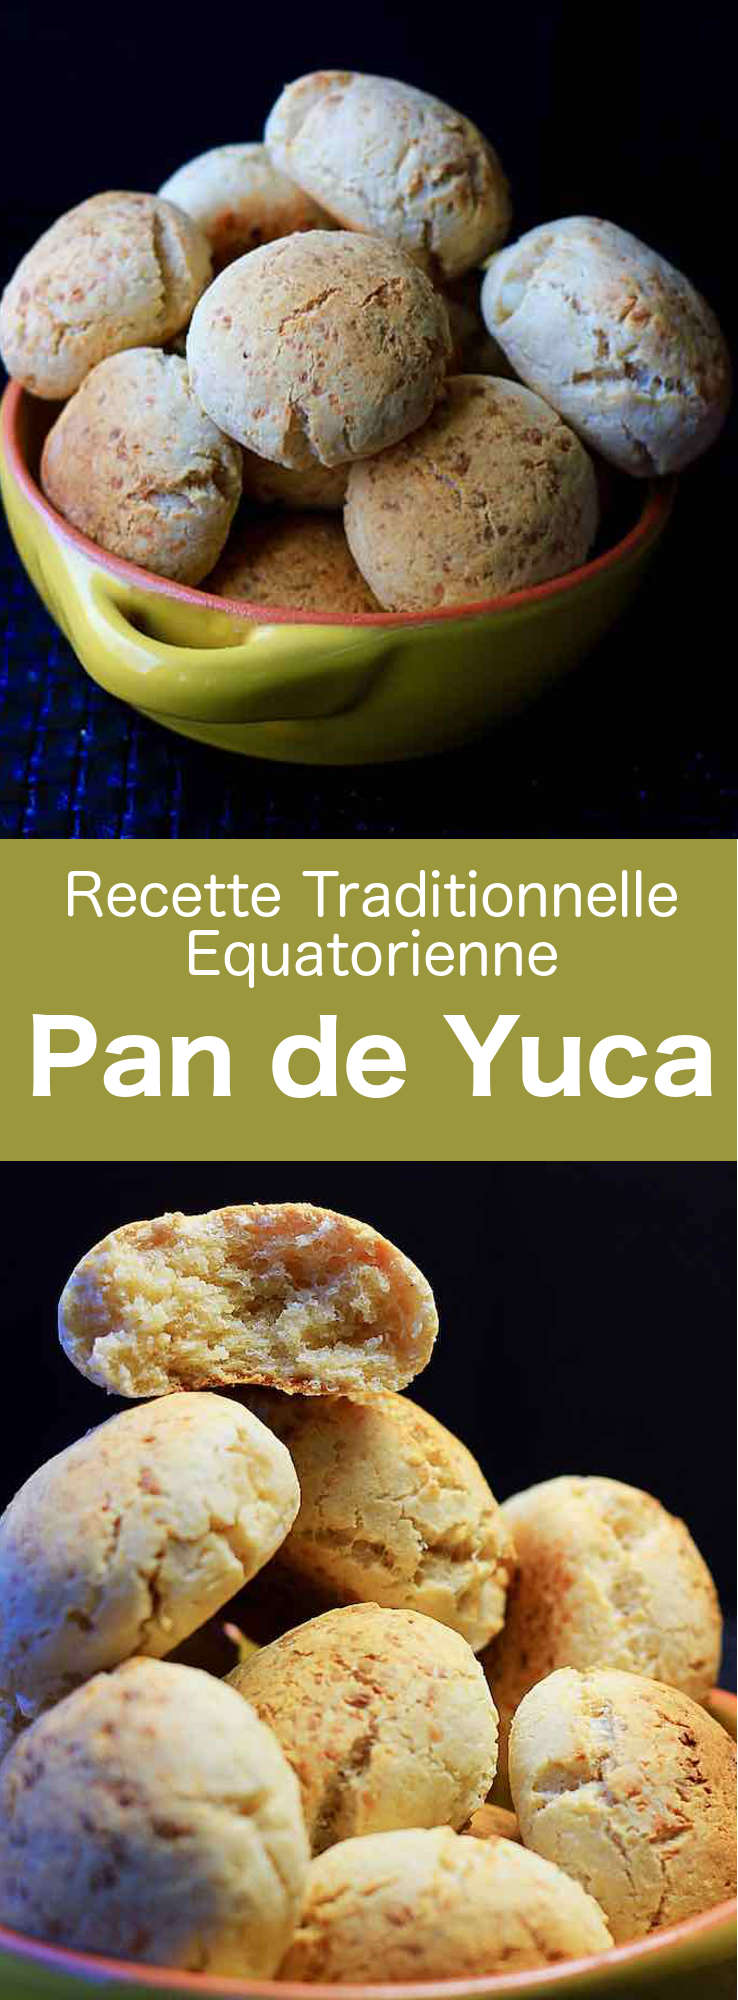 Le pan de yuca (pain de manioc) est un petit pain composé de farine de manioc et de fromage, typique de la région côtière de l'Equateur et du sud de la Colombie. #Equateur #RecetteEquatorienne #CuisineEquatorienne #AmeriqueLatine #CuisineDuMonde #196flavors